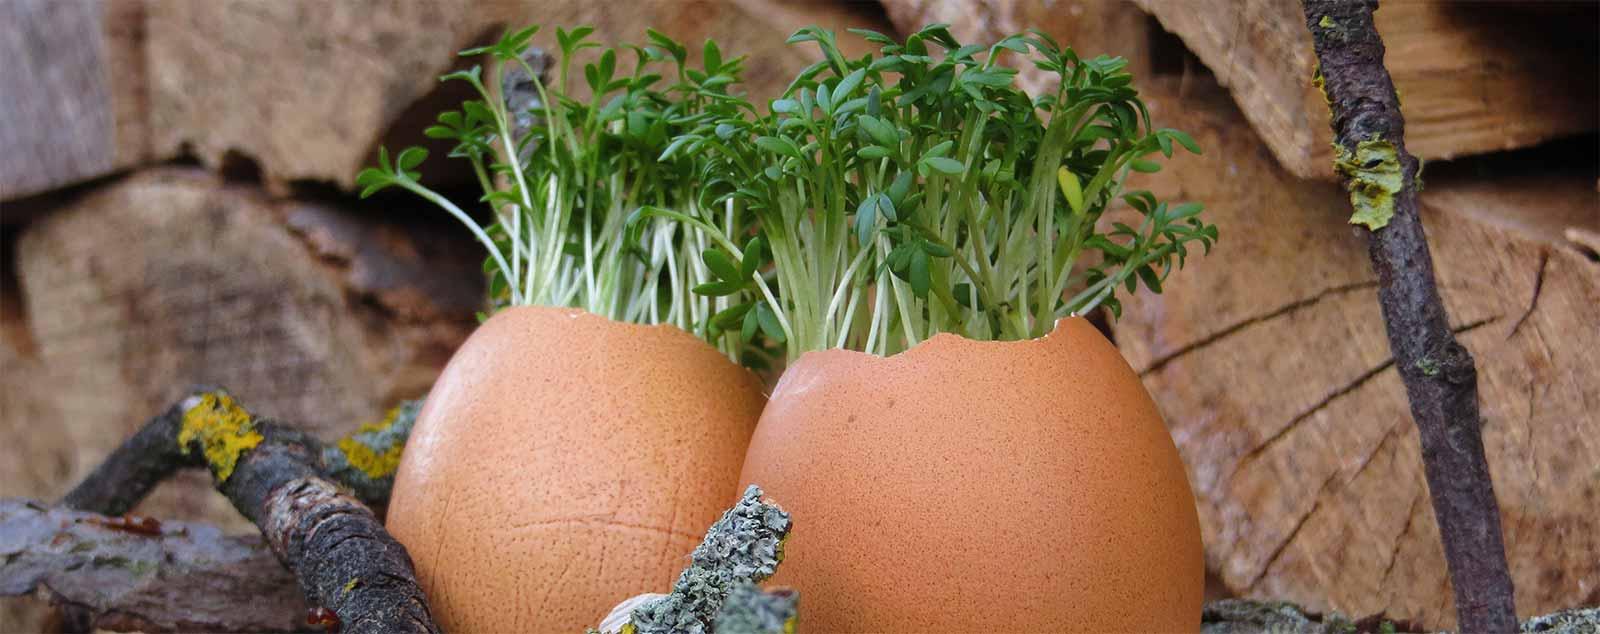 dekoration-fuer-den-festlich-geschmueckten-ostertisch-kresse-eier-selbstgemacht